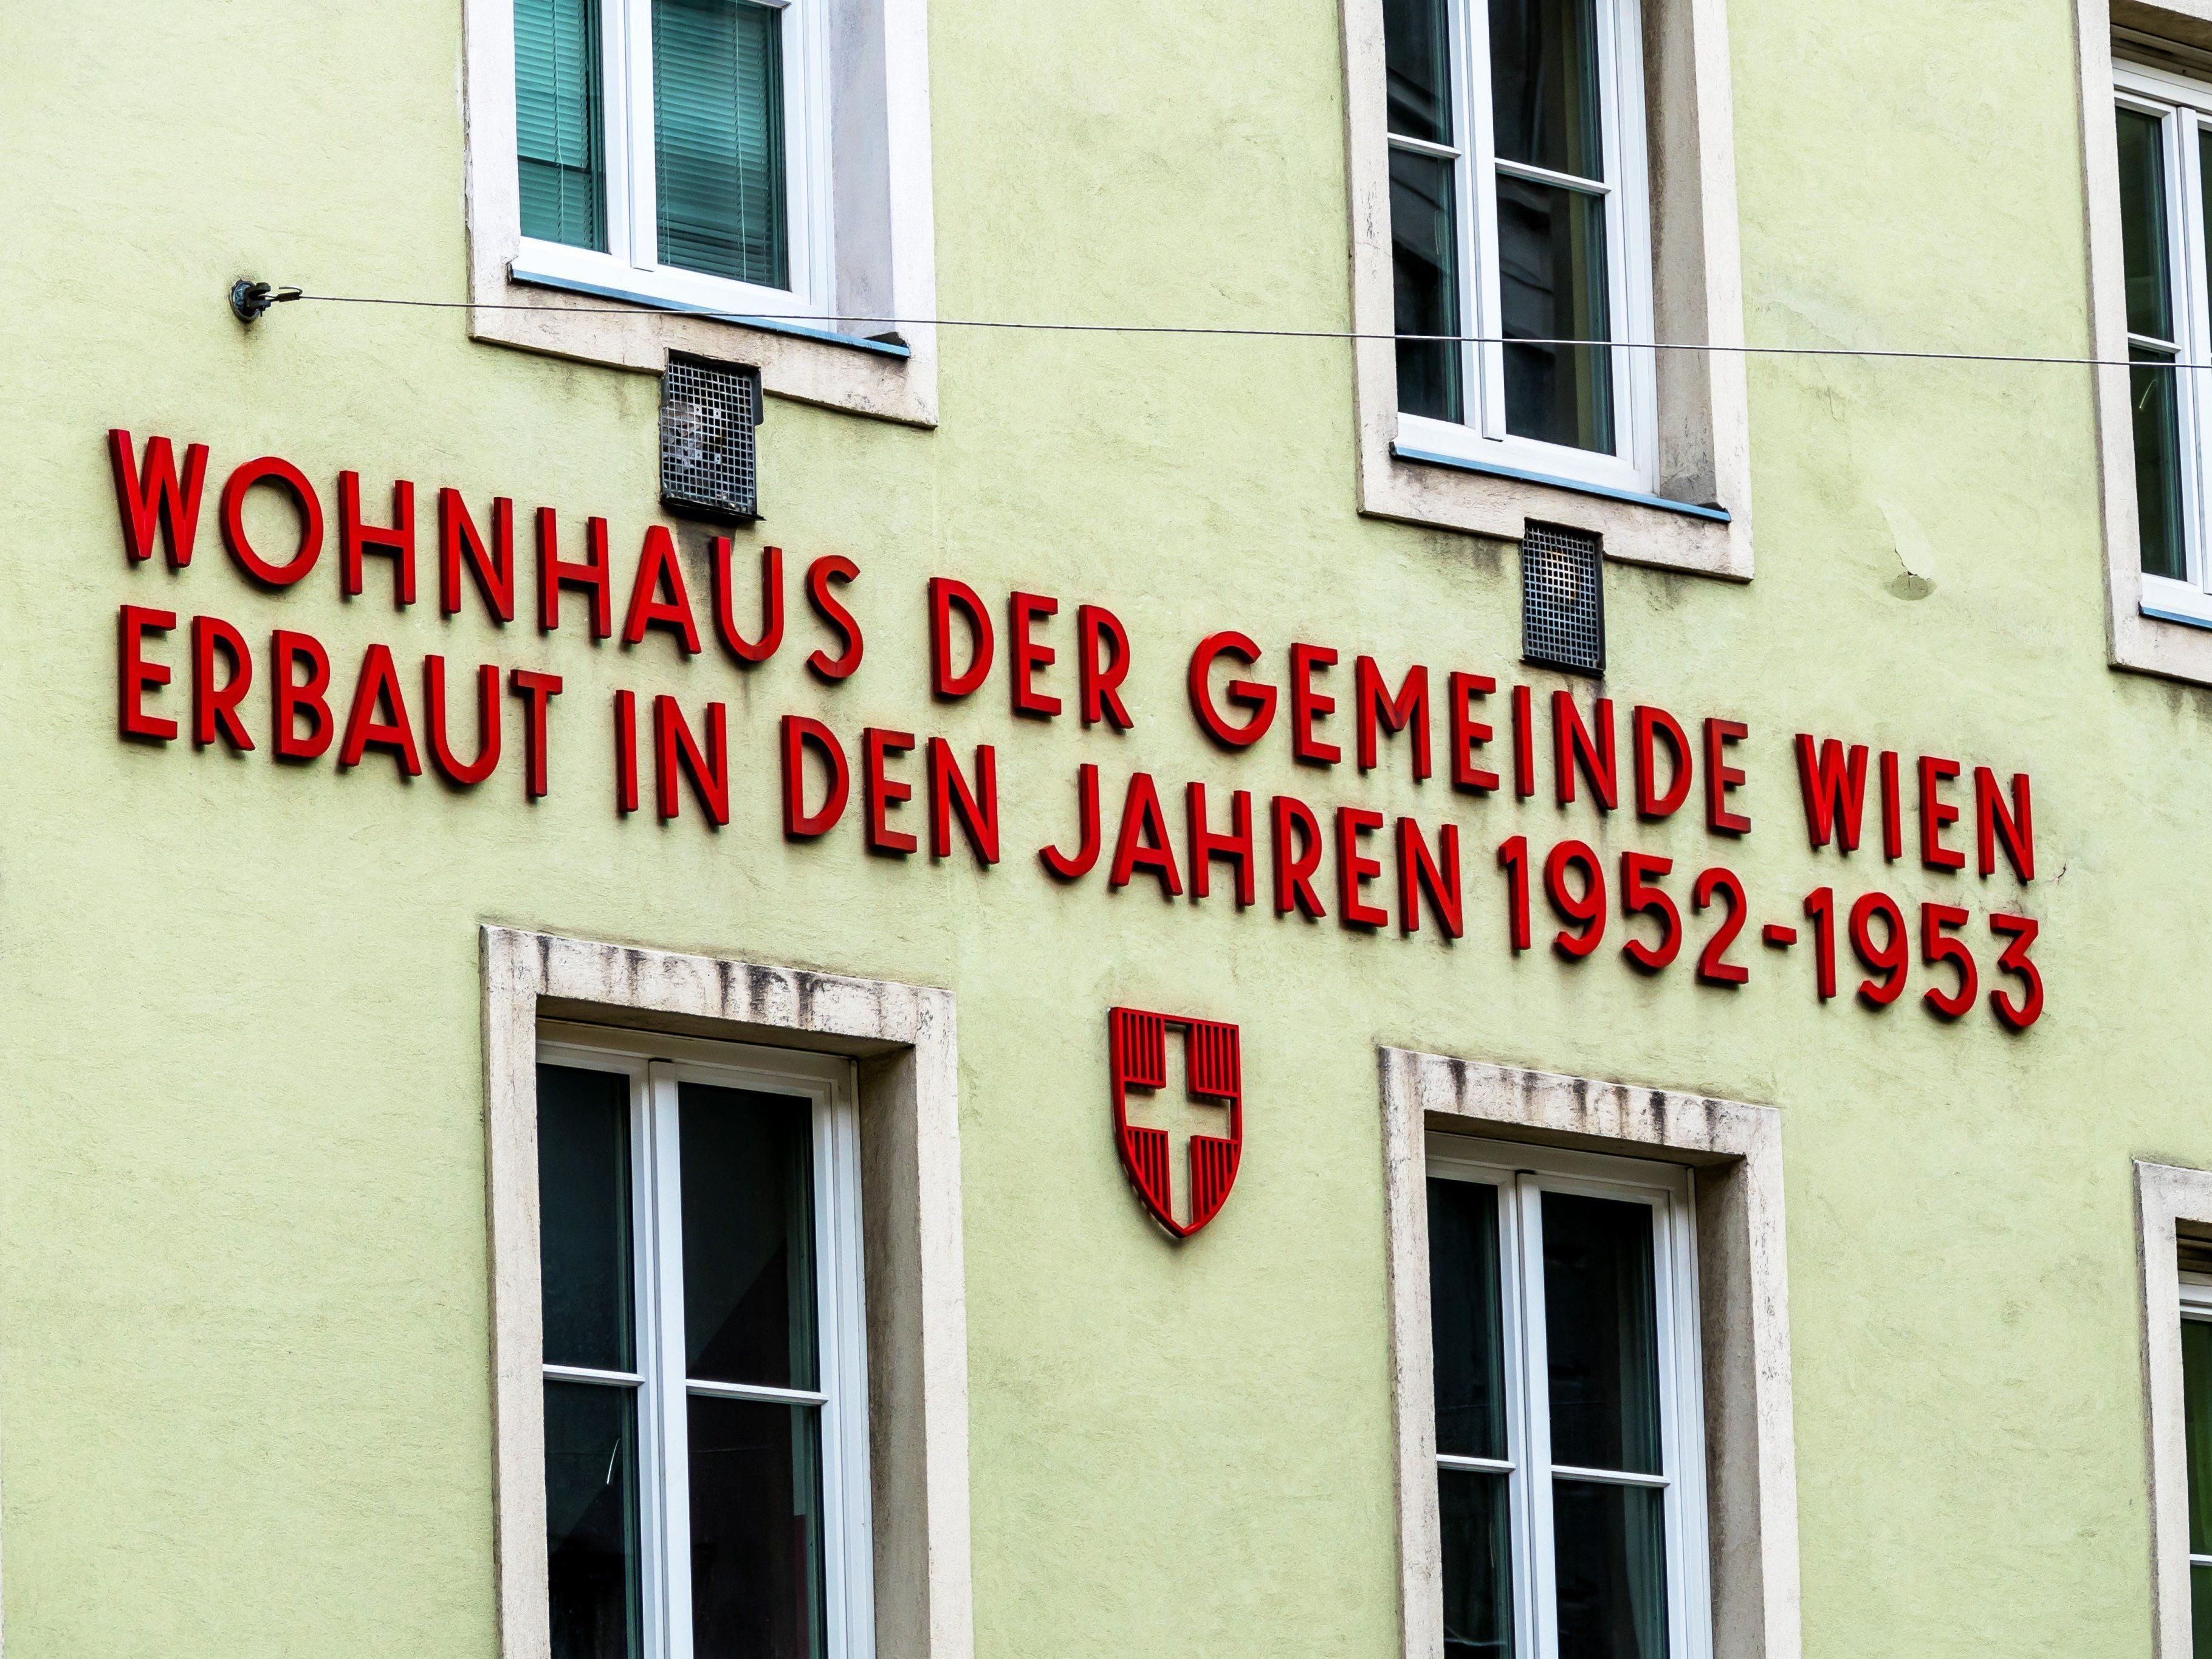 Vom Wiener Wohn-Ticket haben bereits über 500 Personen profitiert.